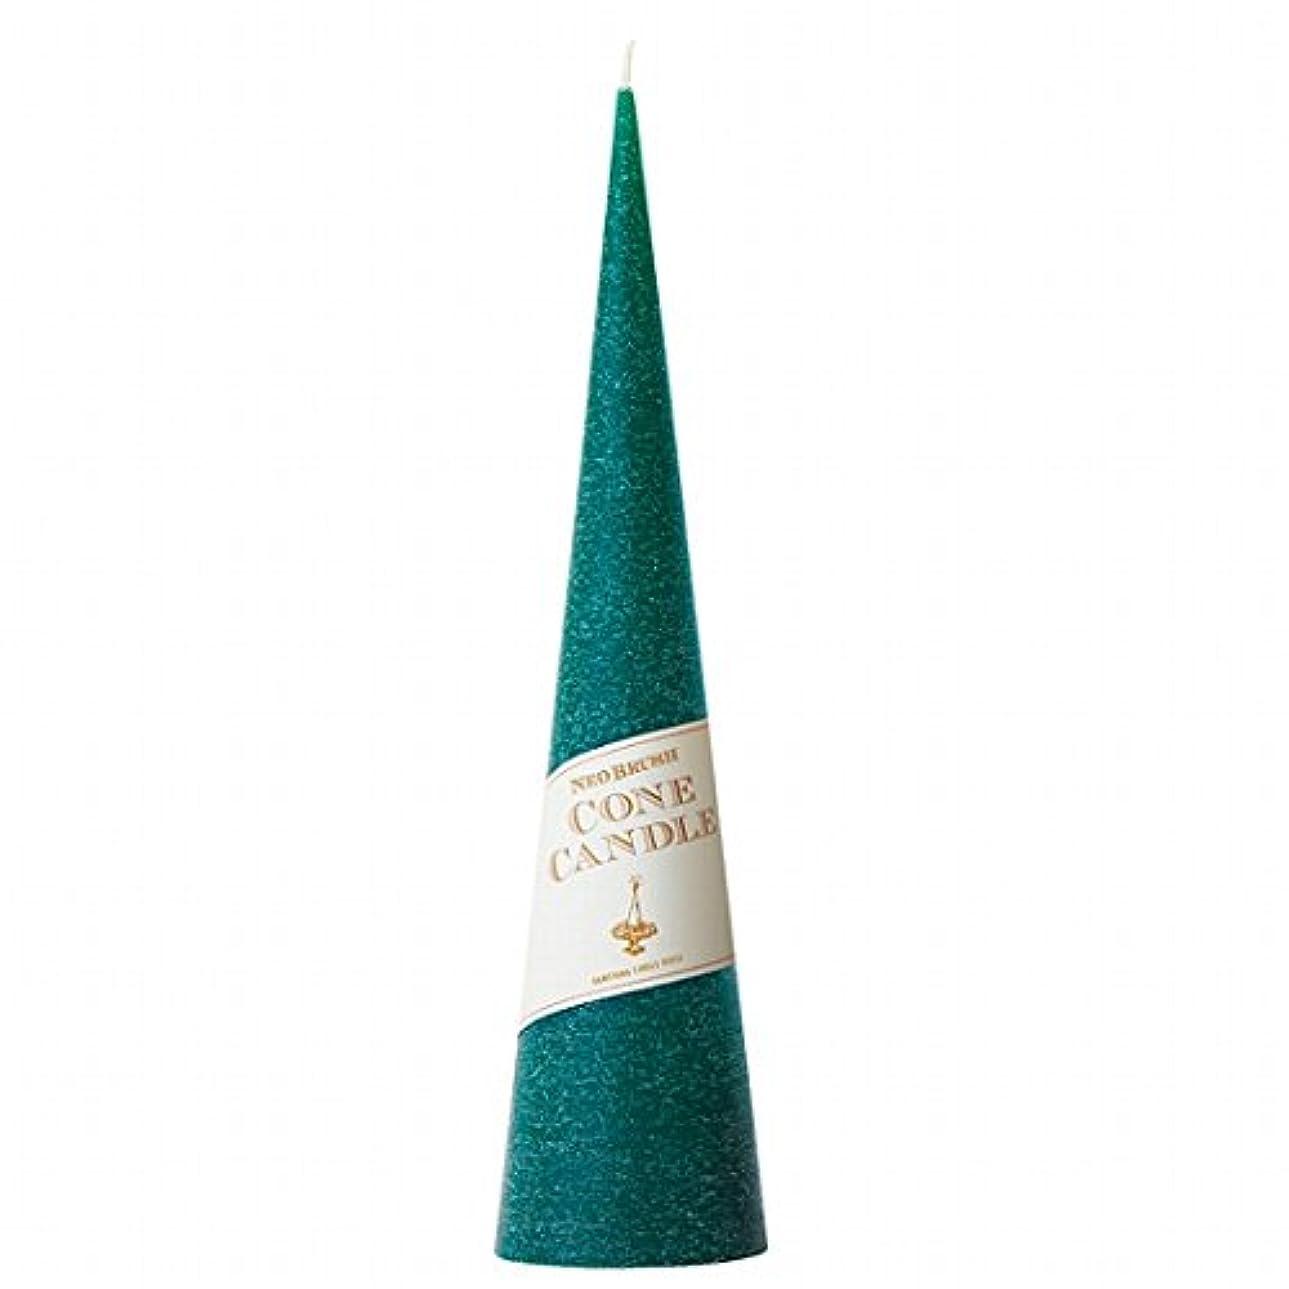 ありがたい偽物無駄なkameyama candle(カメヤマキャンドル) ネオブラッシュコーン 295 キャンドル 「 グリーン 」(A9750030G)